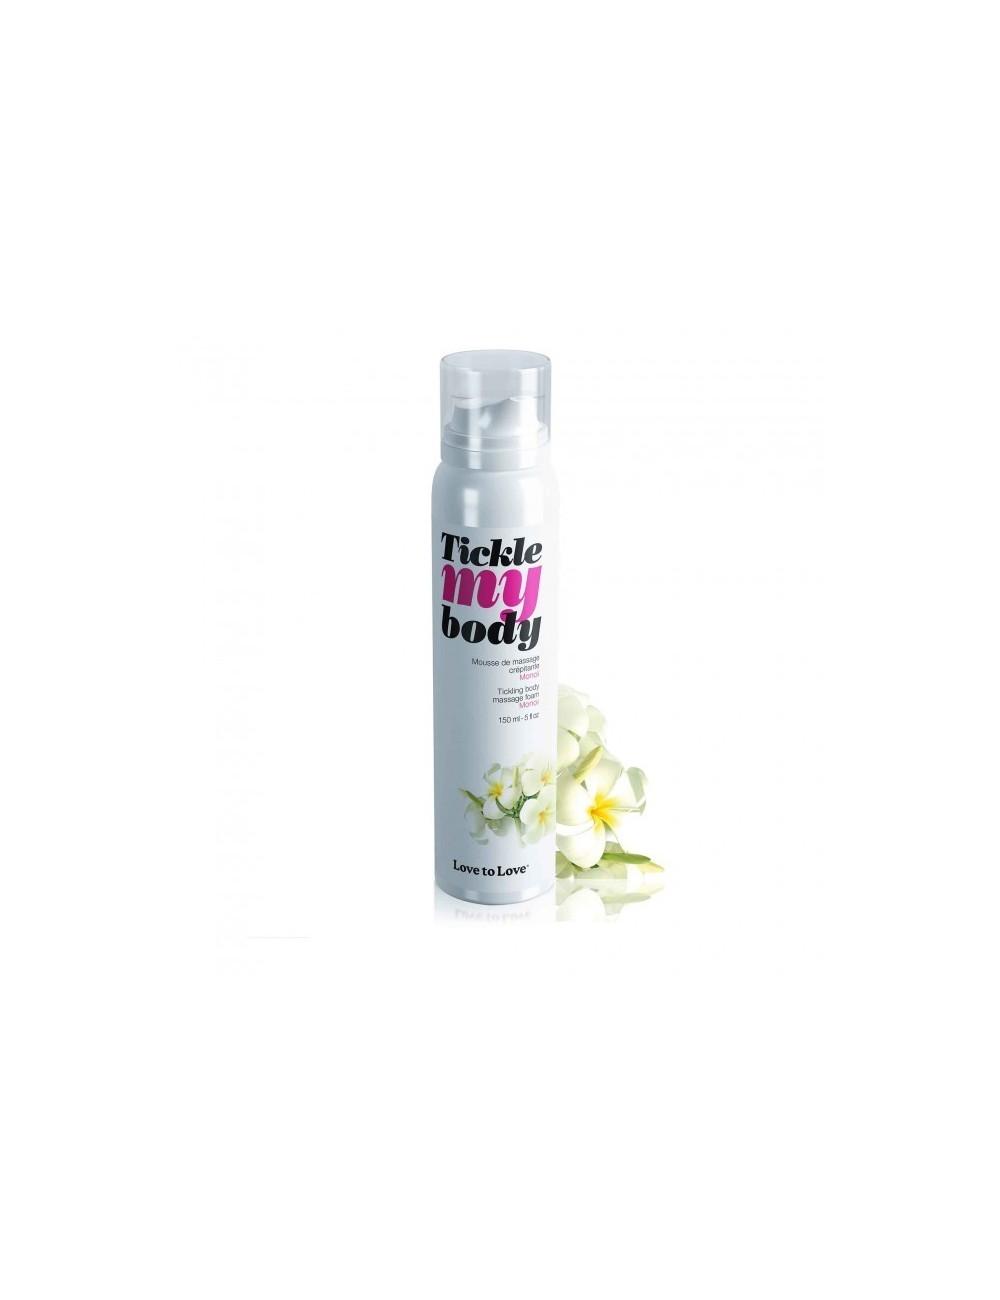 La mousse de massage Tickle My Body Monoï 150ML - LTL-04527 - Huiles de massage - Love to Love